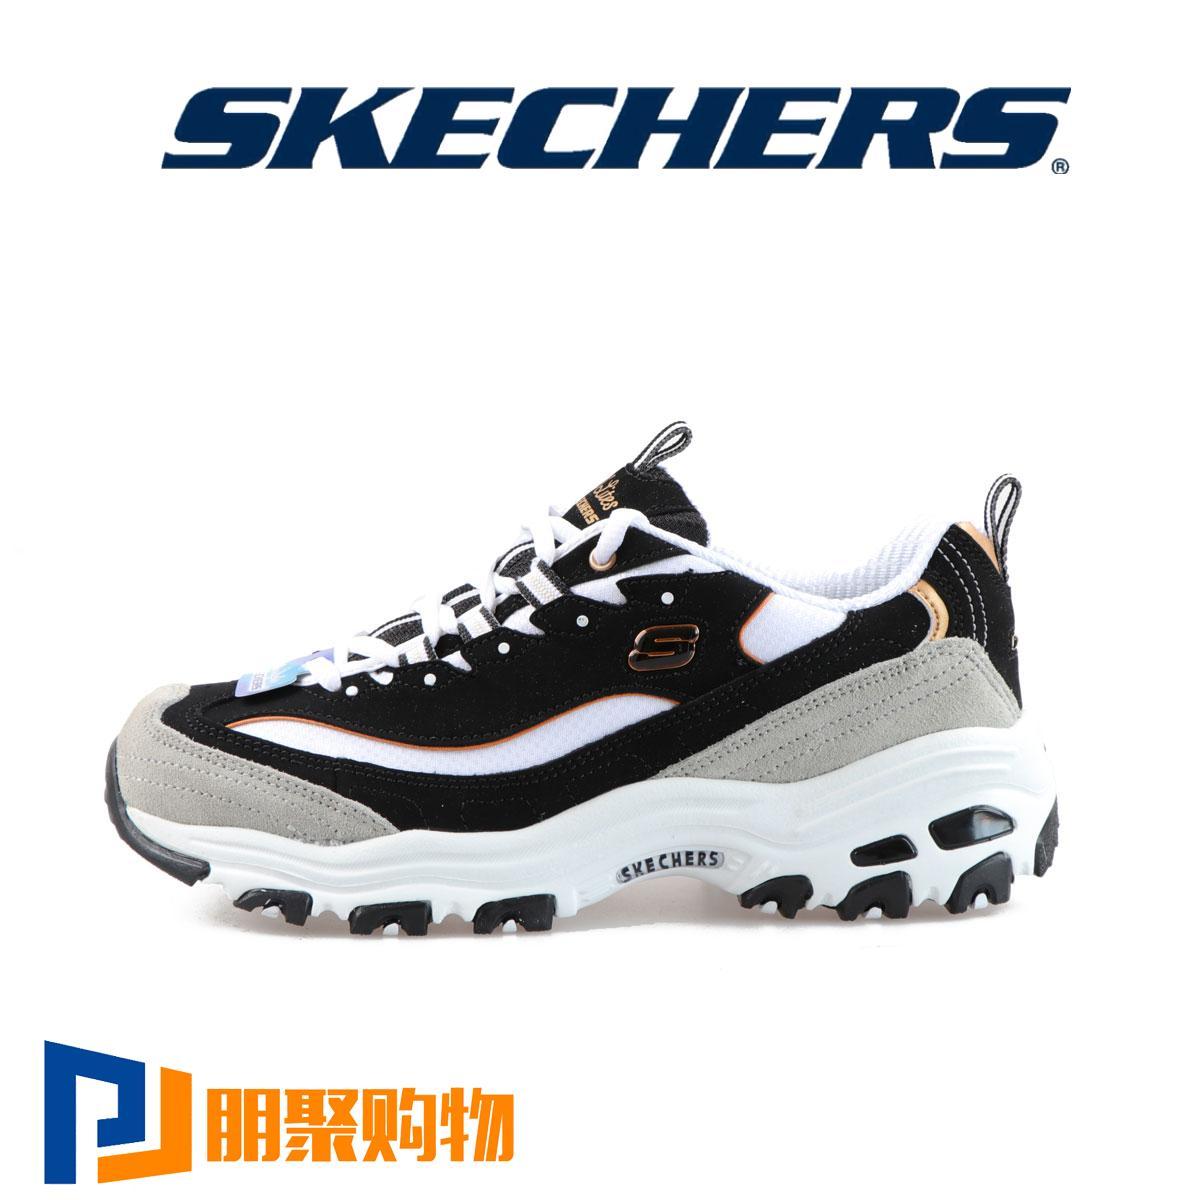 韩国代购n字运动鞋_专柜正品 斯凯奇skechers 韩国黑白熊猫运动鞋 Dlites 99999720 ...